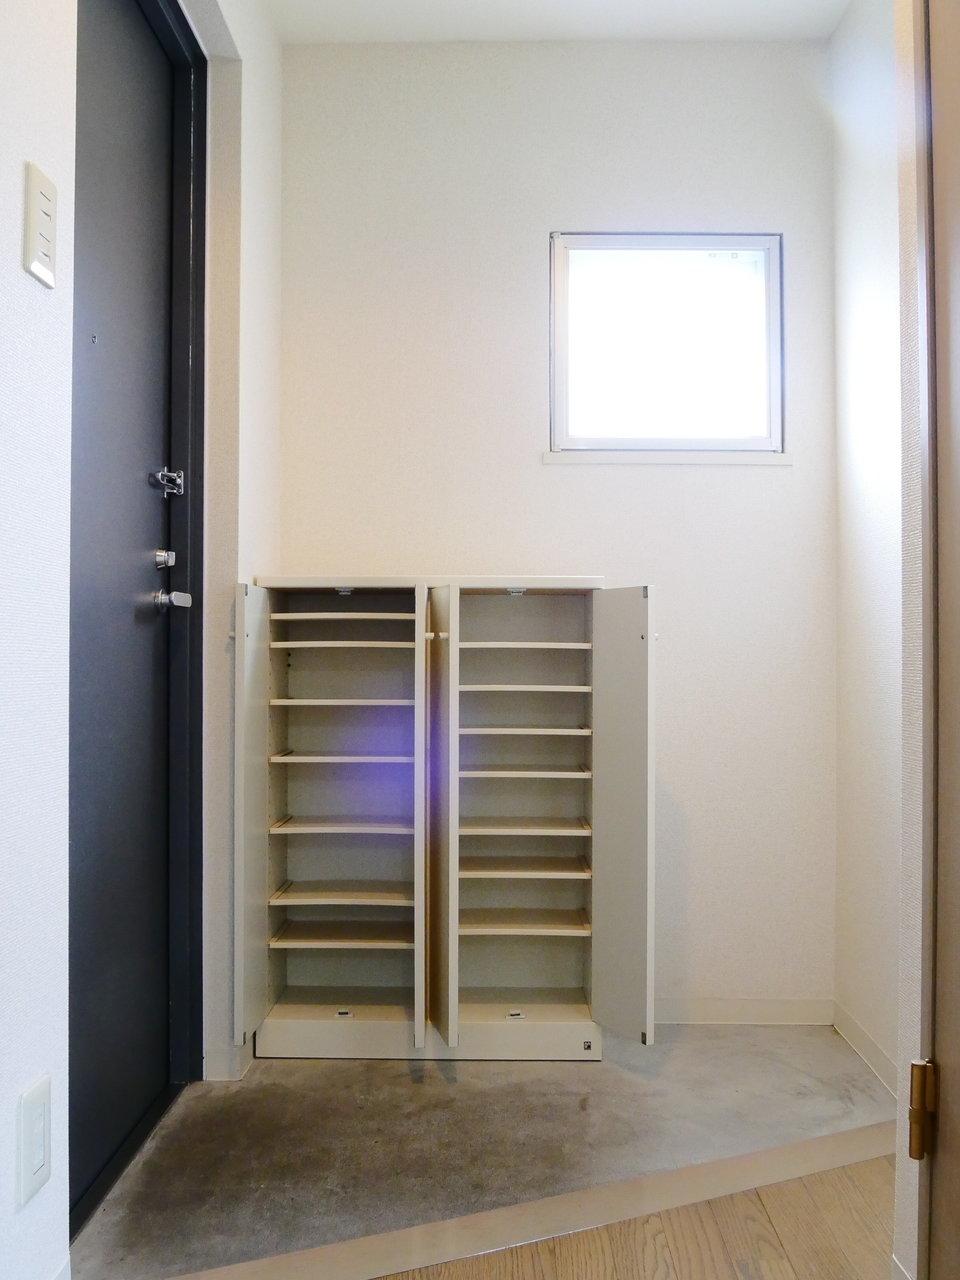 角部屋なので、リビングだけではなく、玄関やトイレなどにも小窓が付いているのも、気持ちが明るくなってうれしいですね。